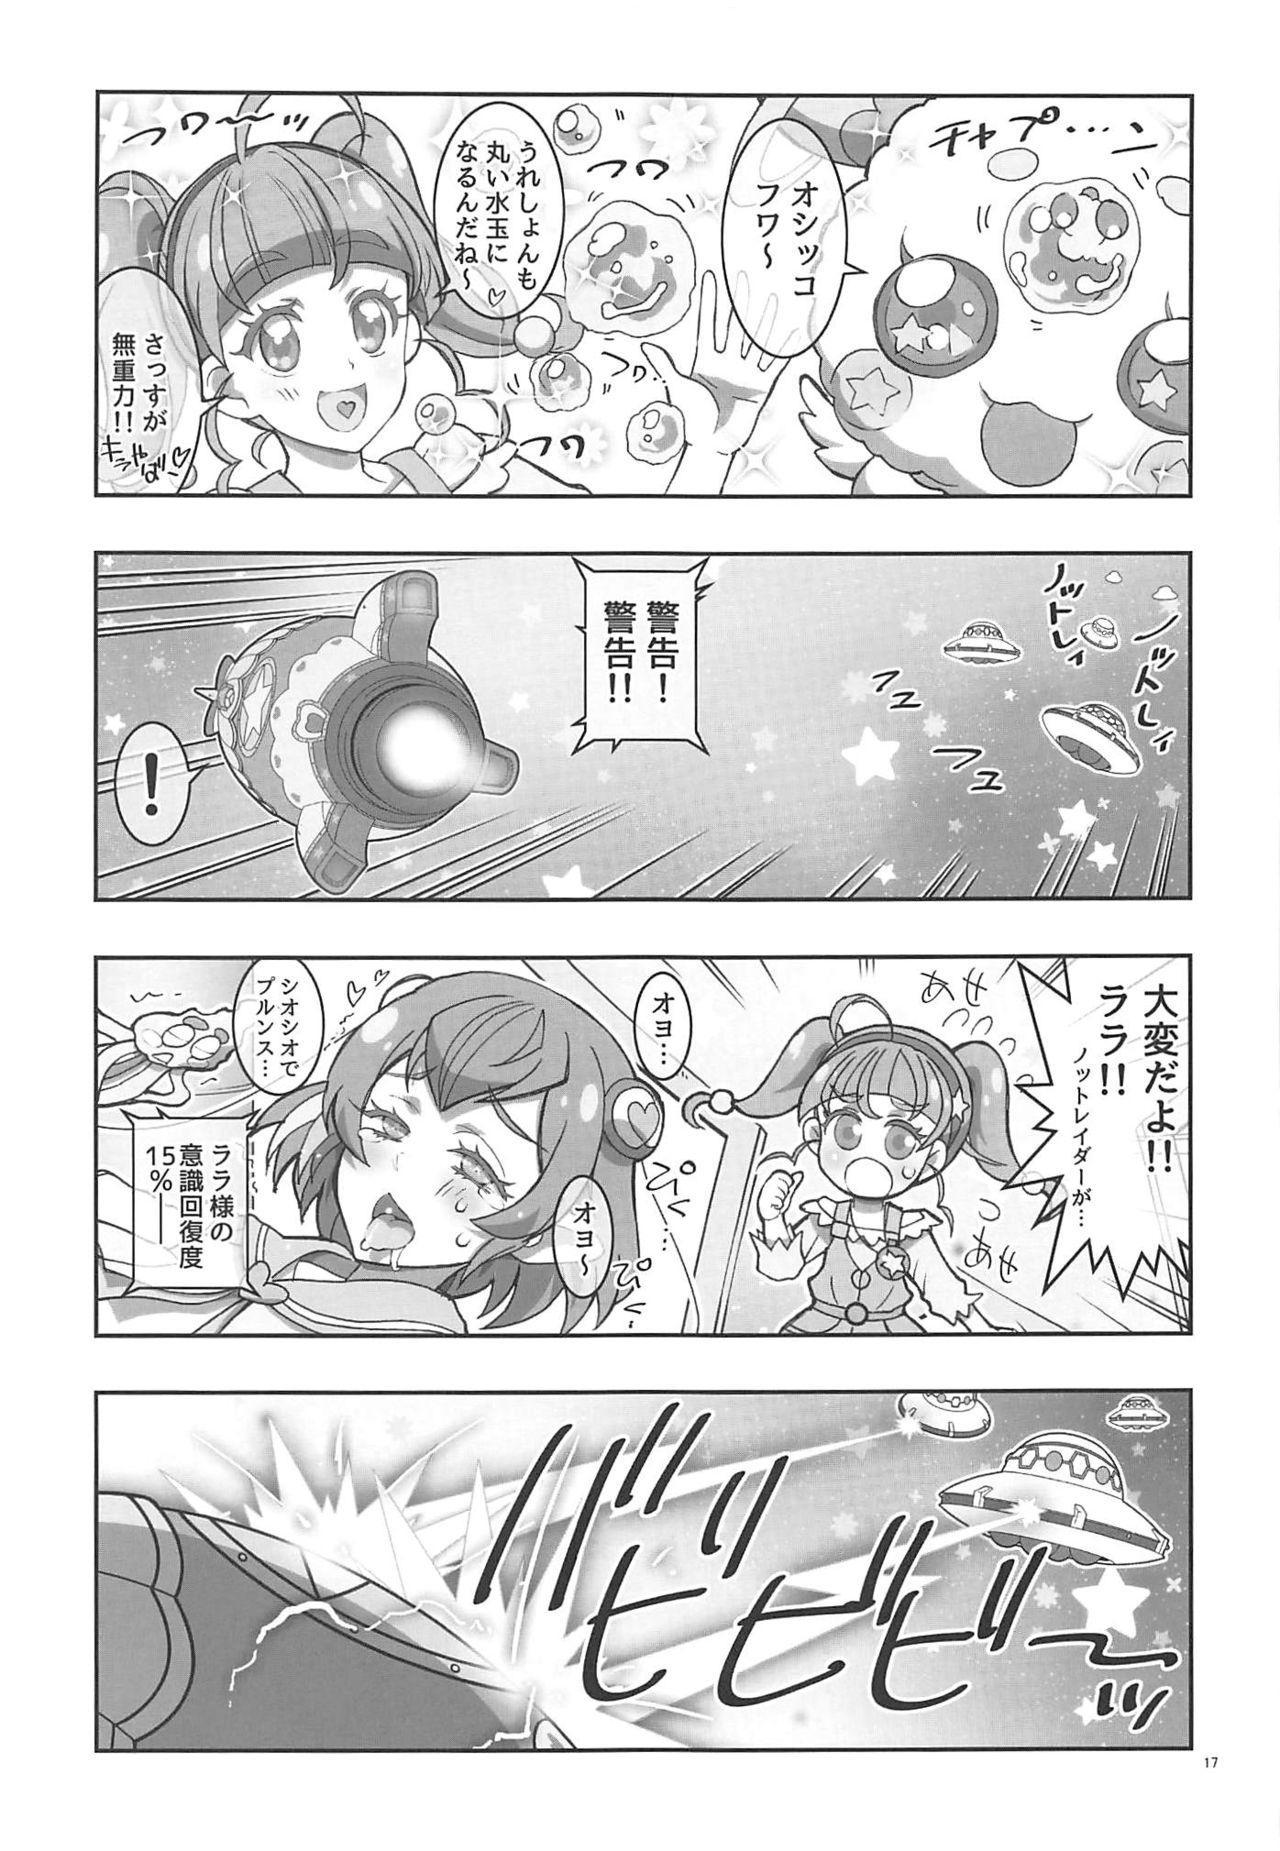 SPACE RUN AWEY 15